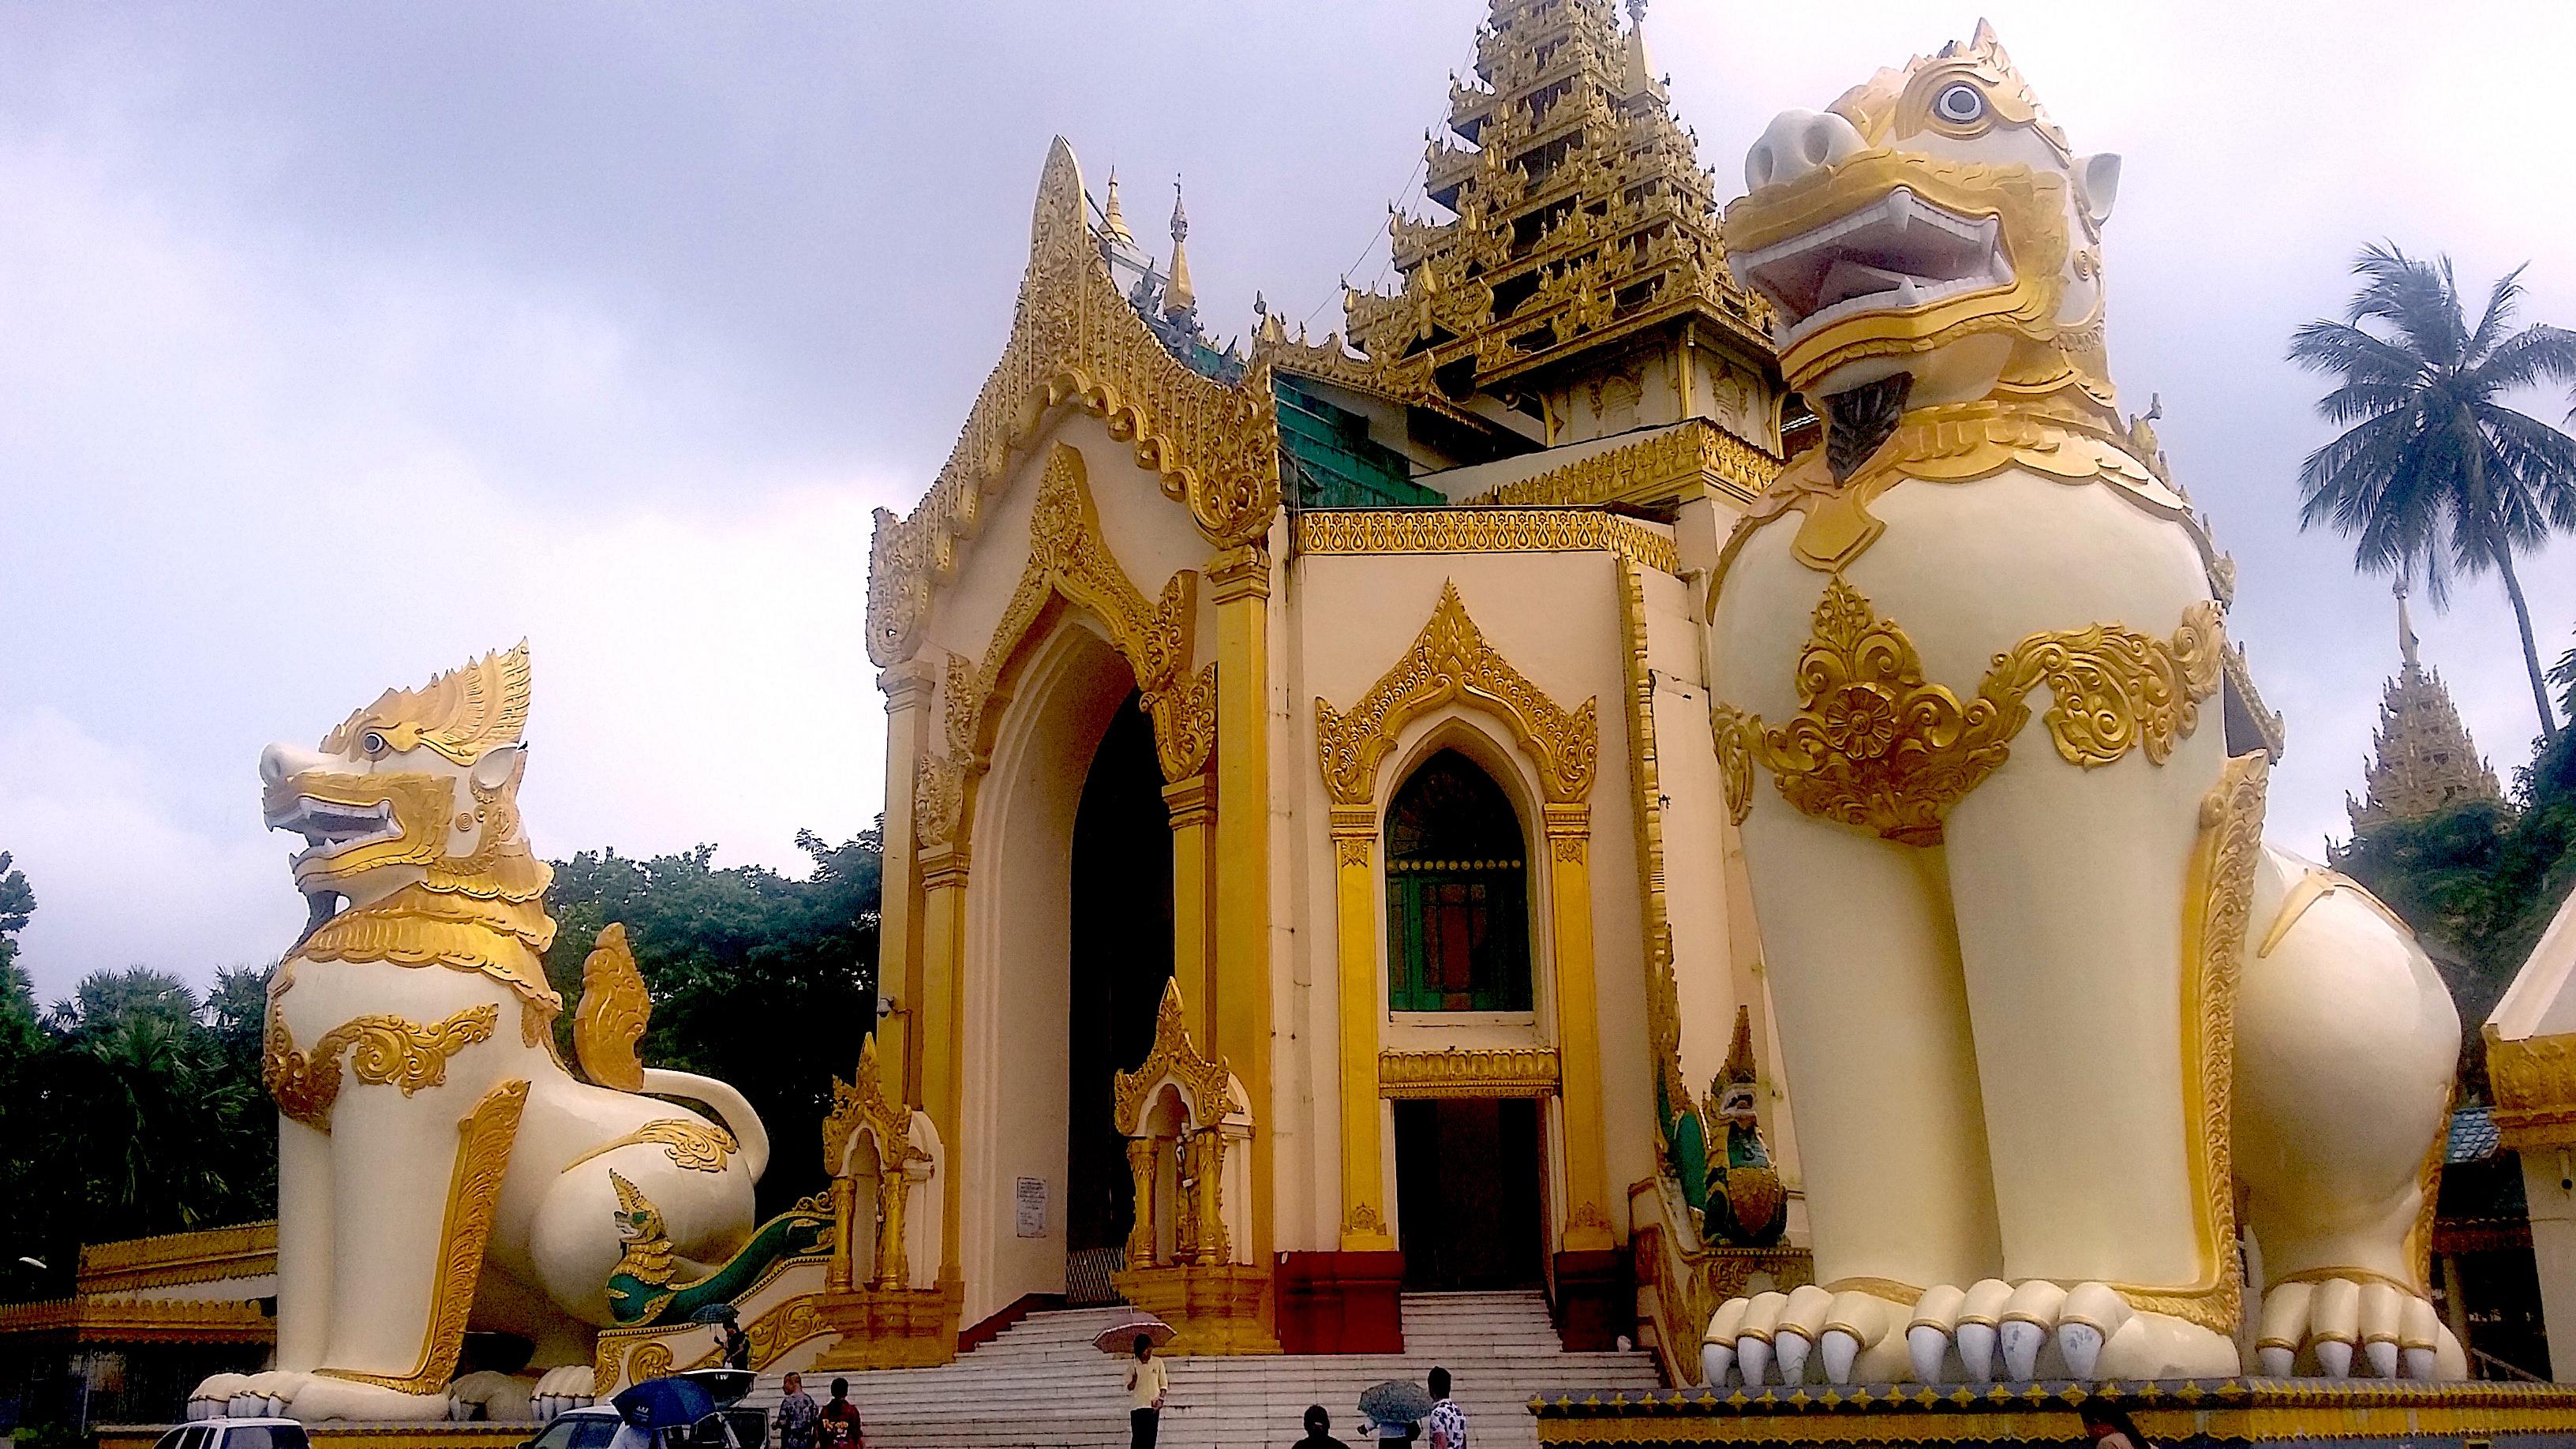 Shwedagon Pagoda Yangon Myanmar photo by Danette Ulrich